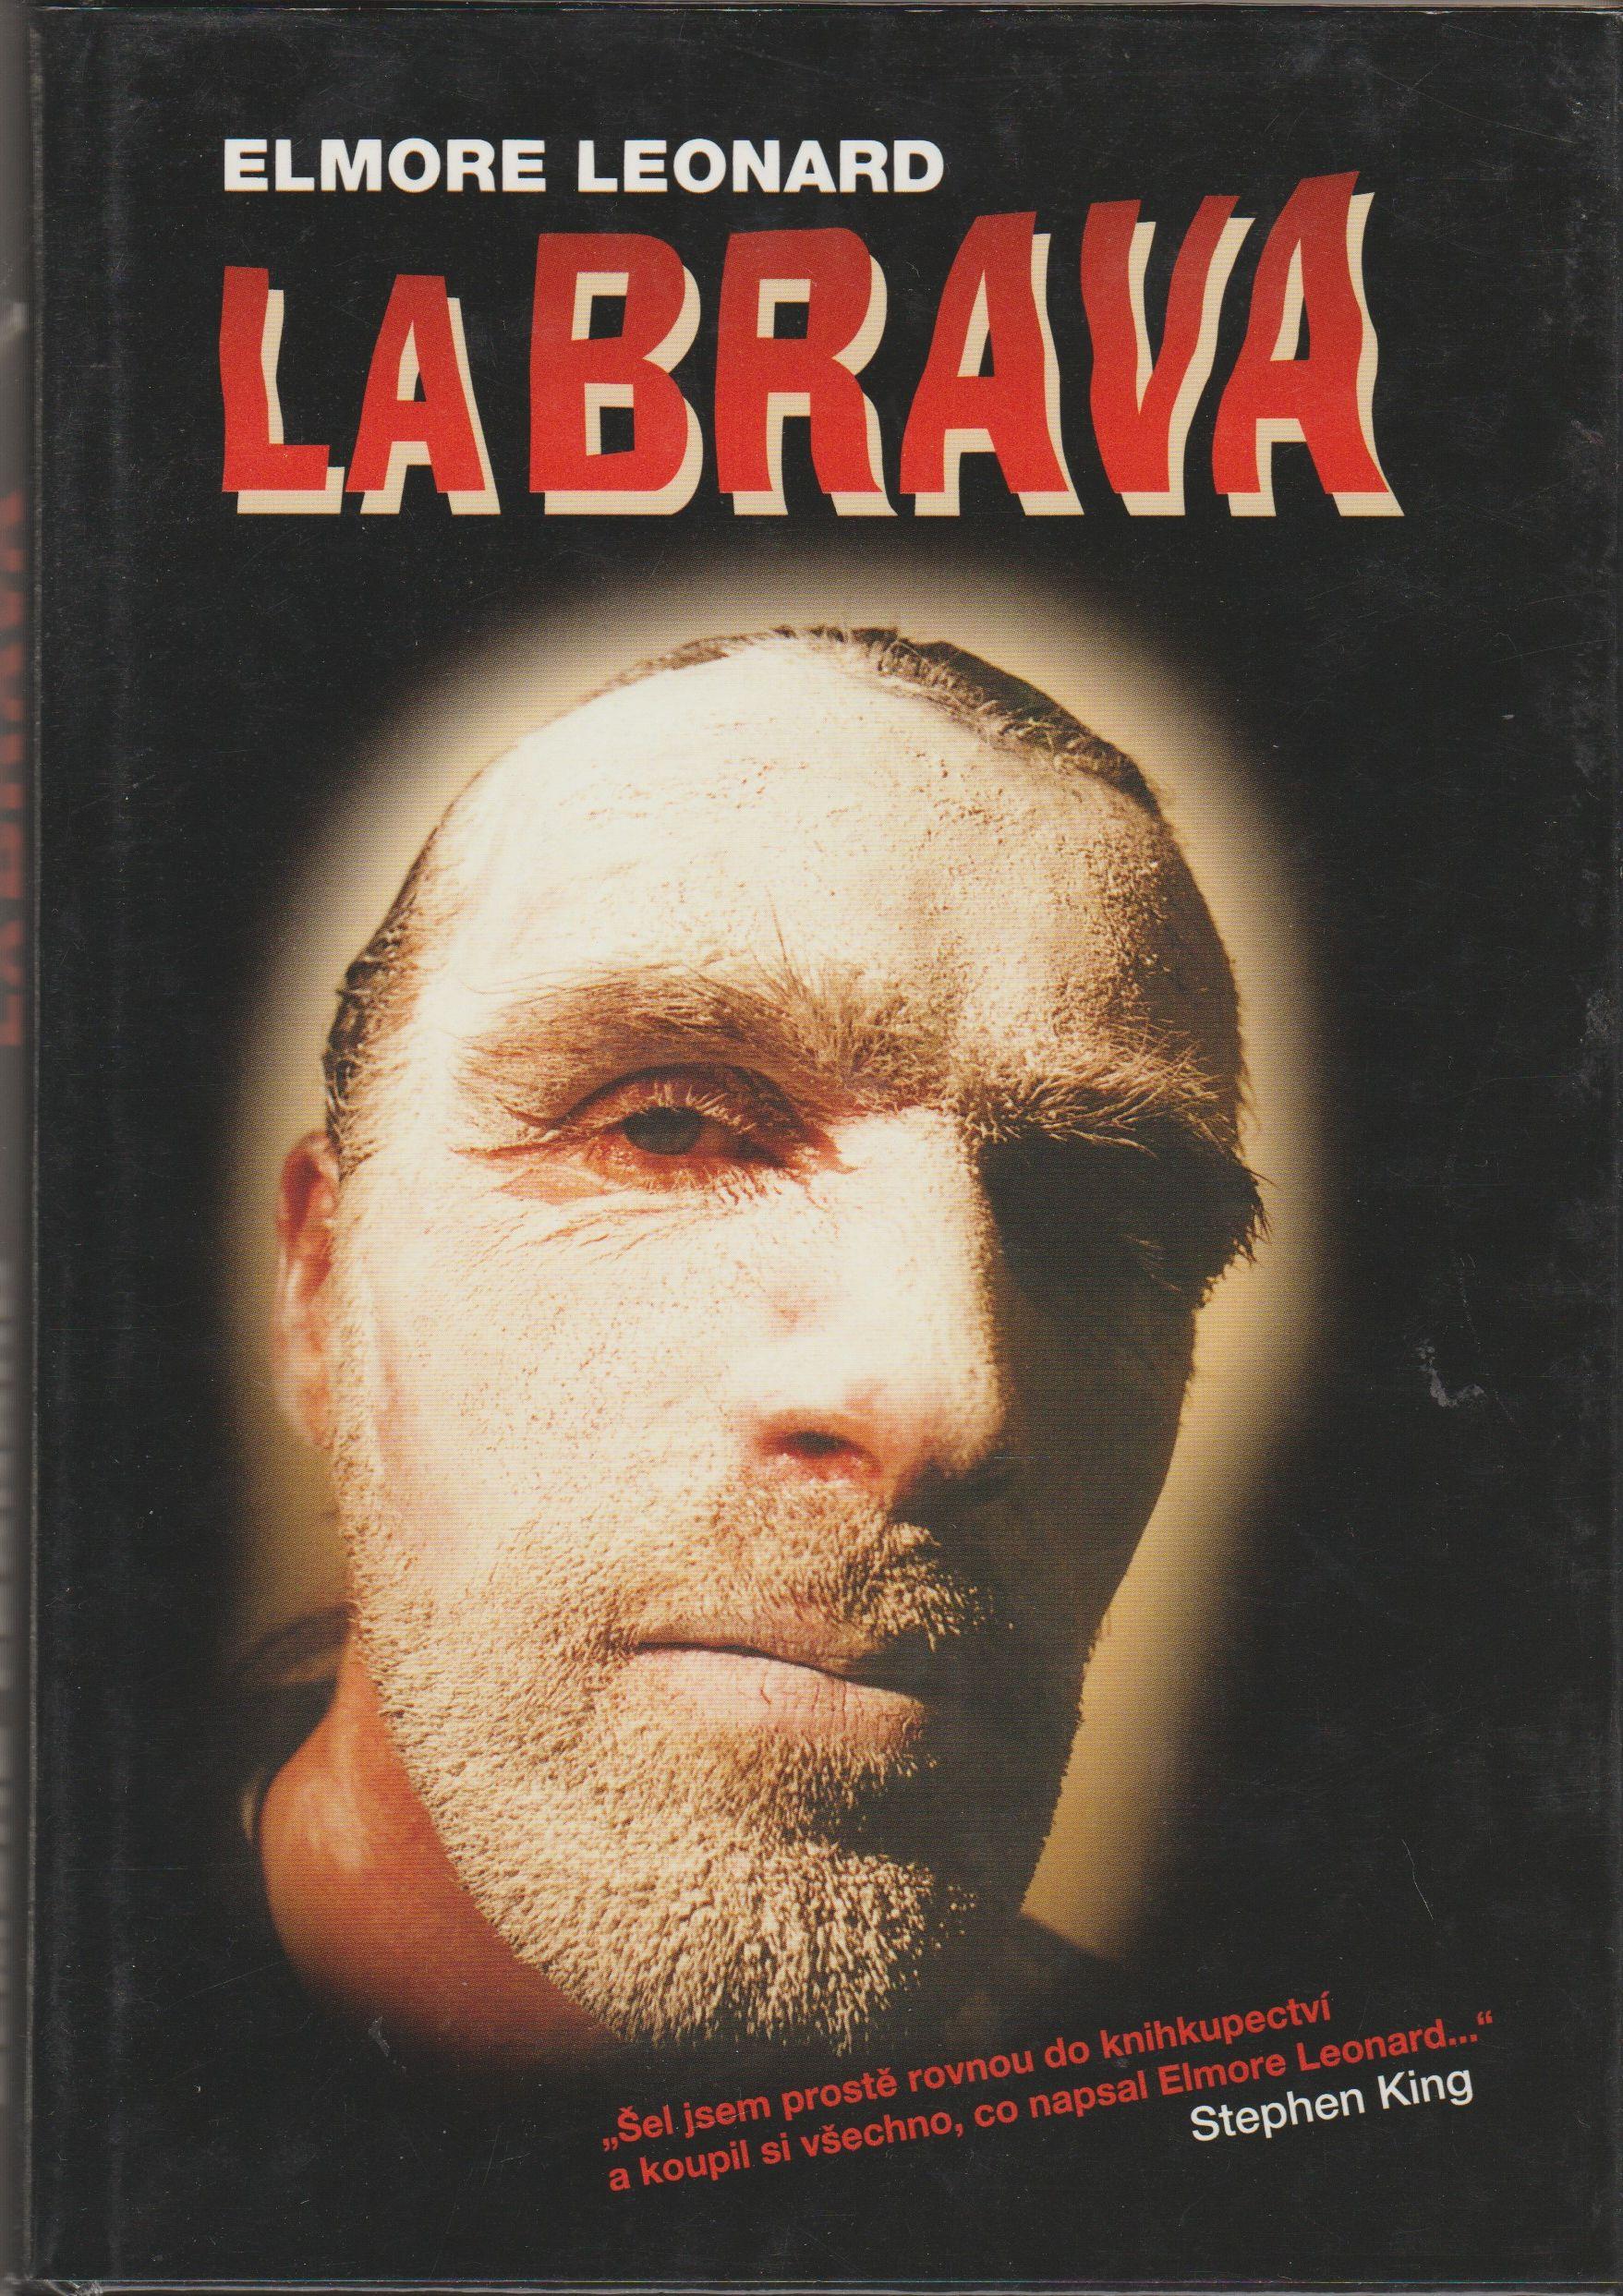 La Brava - Elmore Leonard